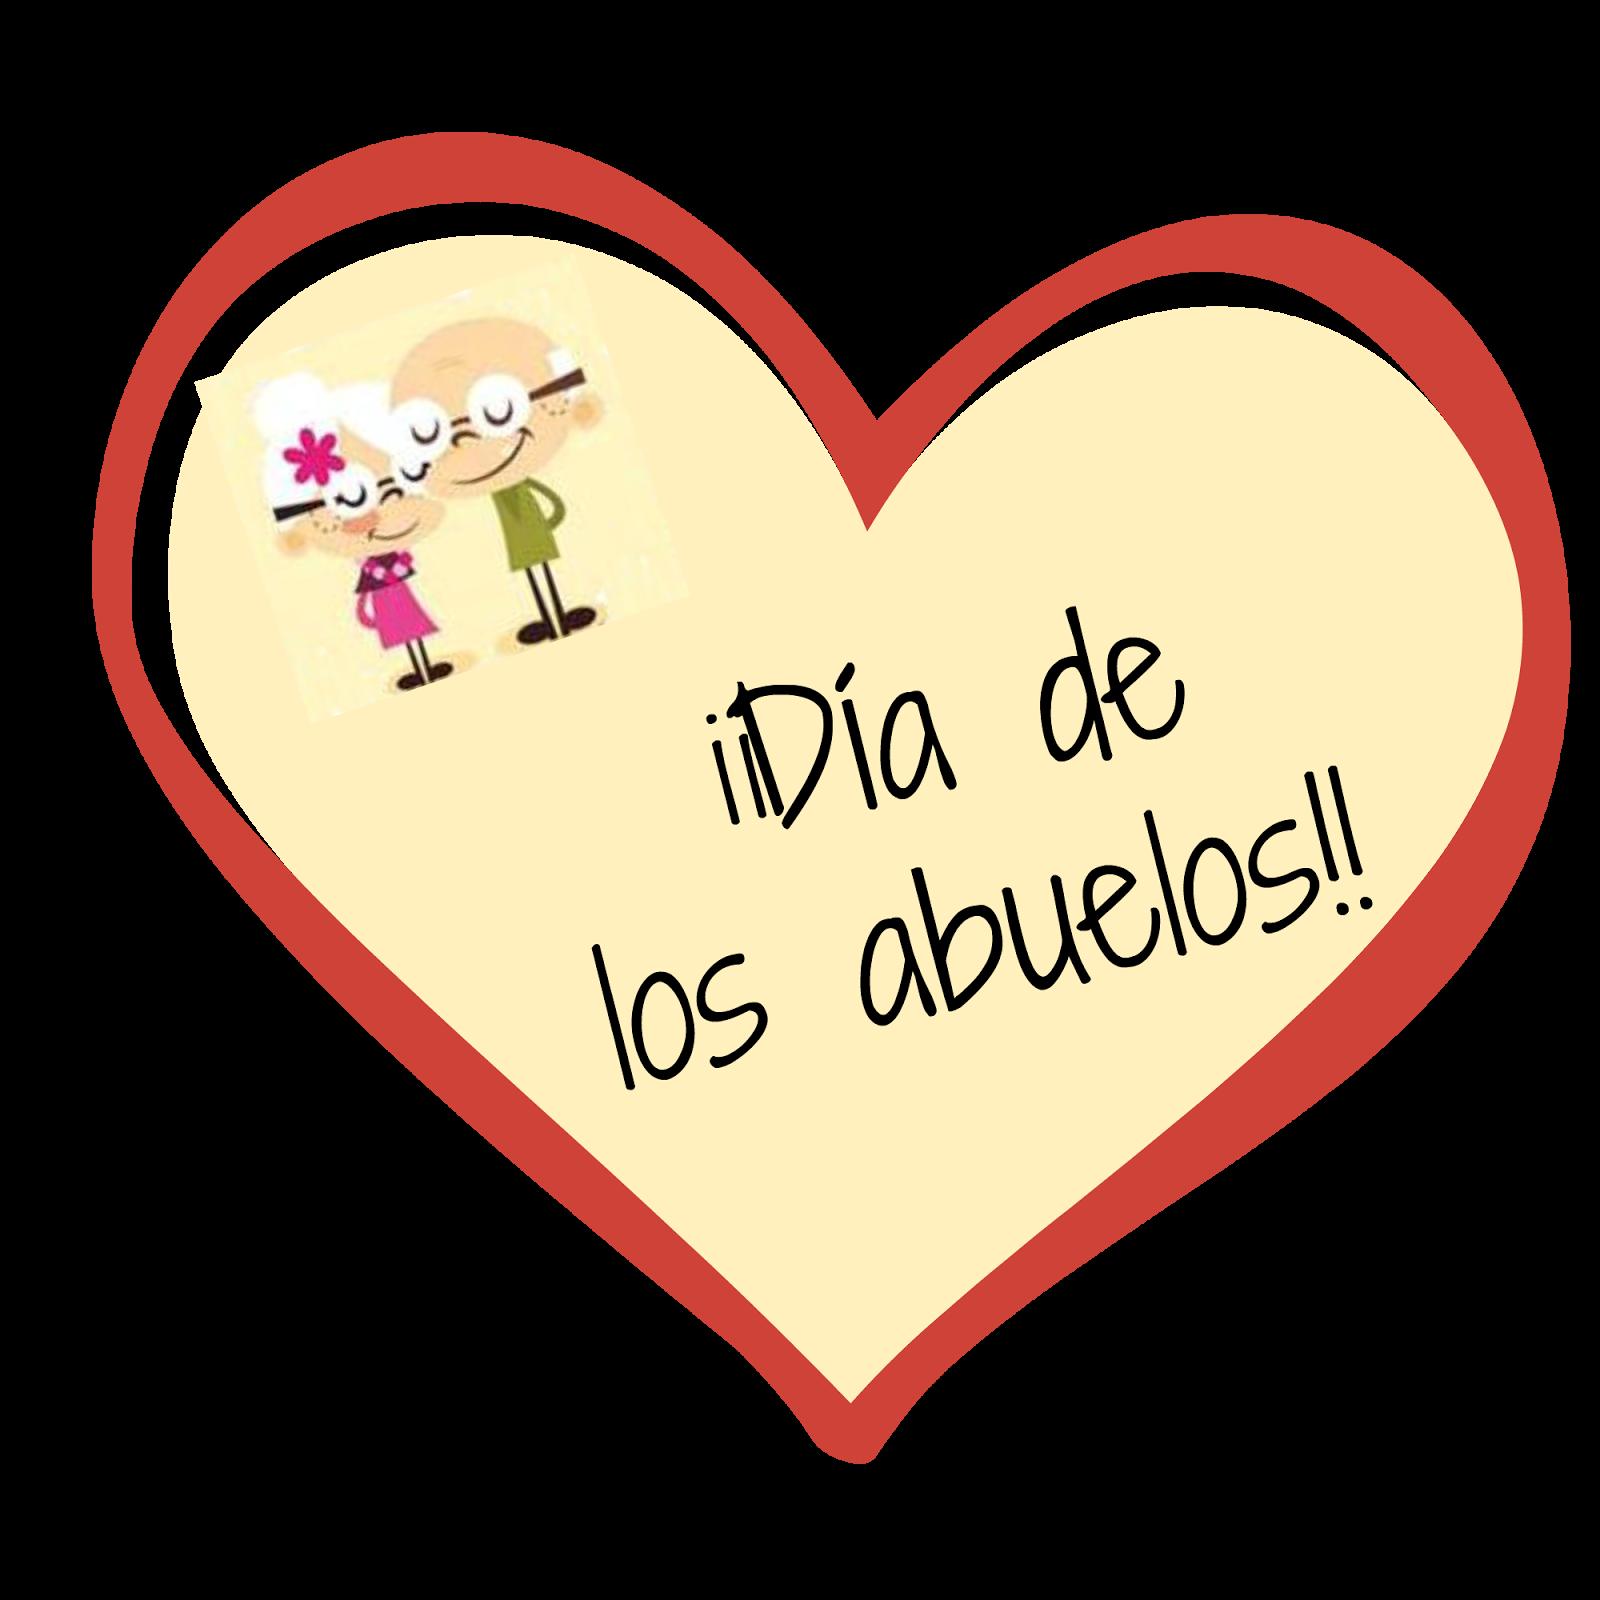 Increíble Marcos De Los Abuelos Ideas - Ideas Personalizadas de ...